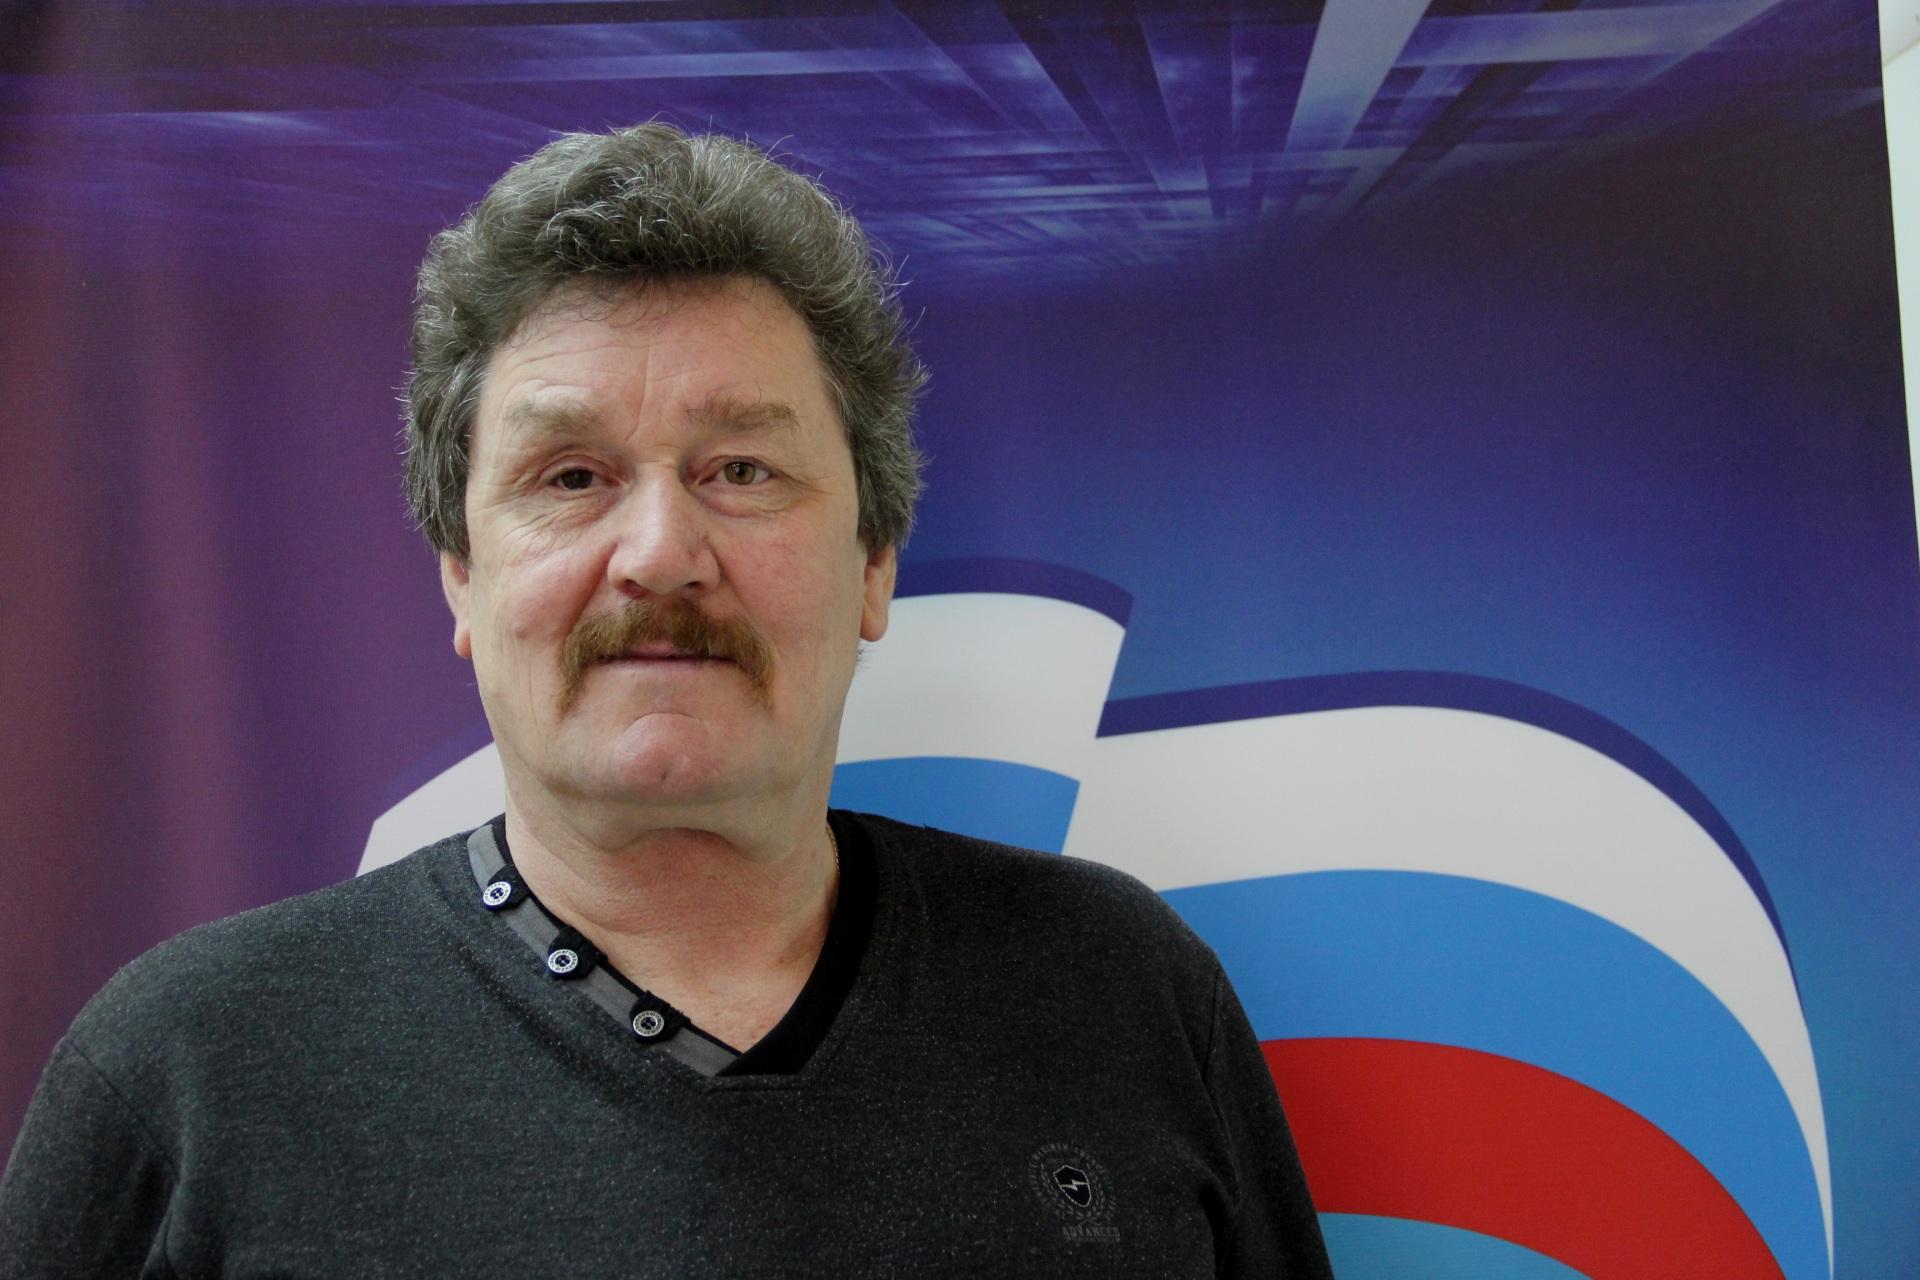 Начальник Усть-Вымского почтамта заявился на участие в предварительном голосовании по выборам в Госсовет Коми